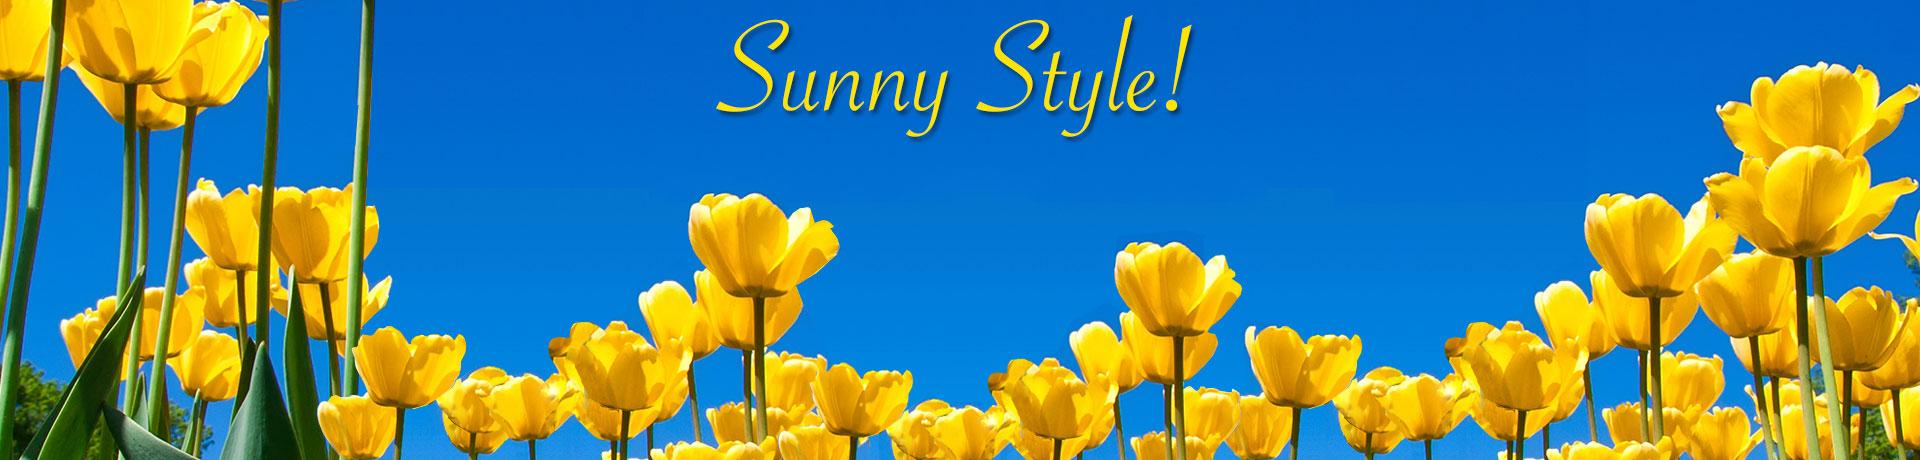 sunny-style-background